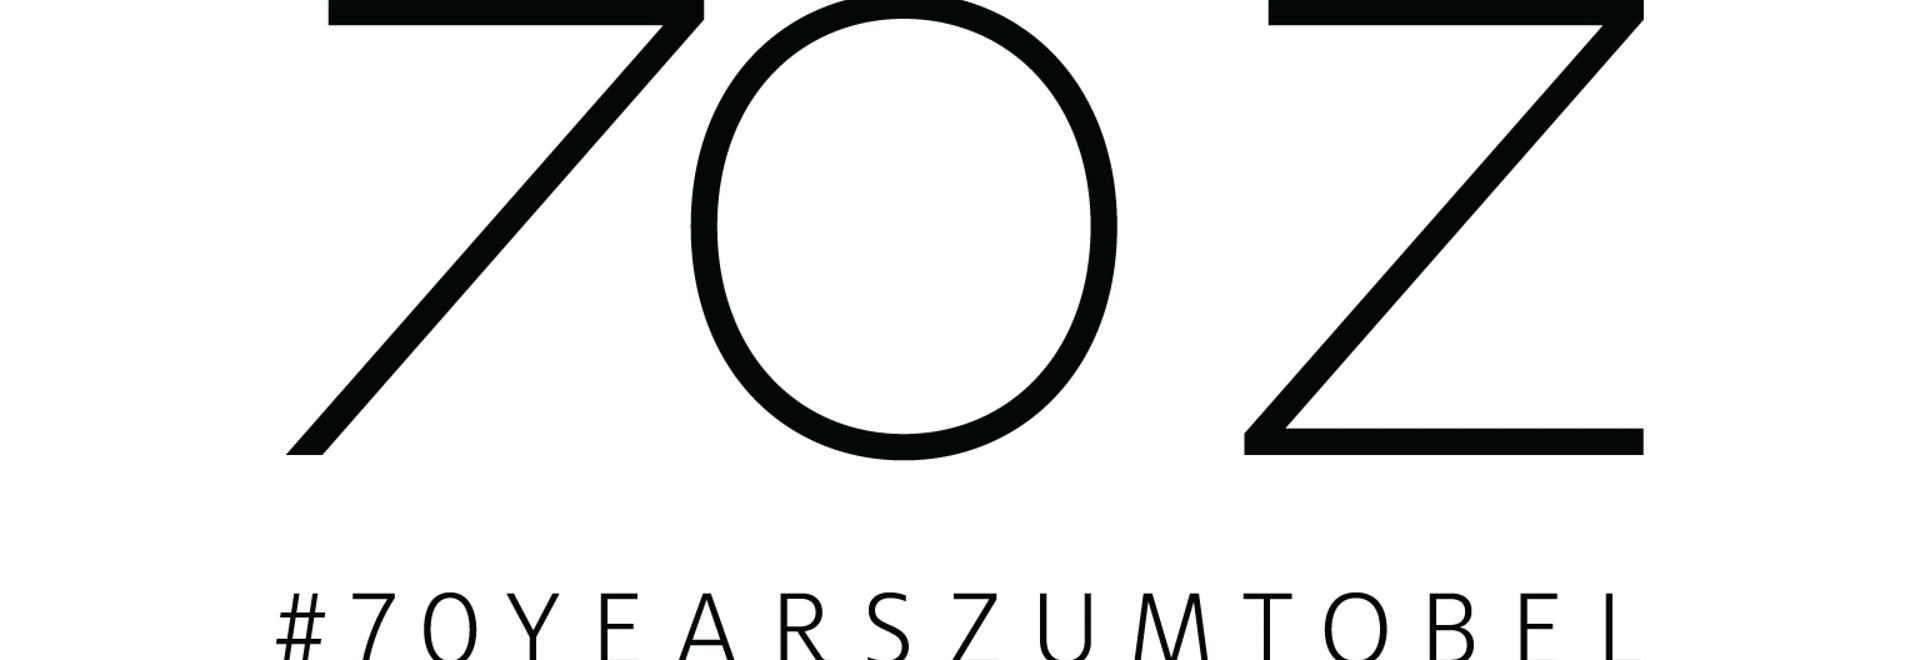 70 años Zumtobel